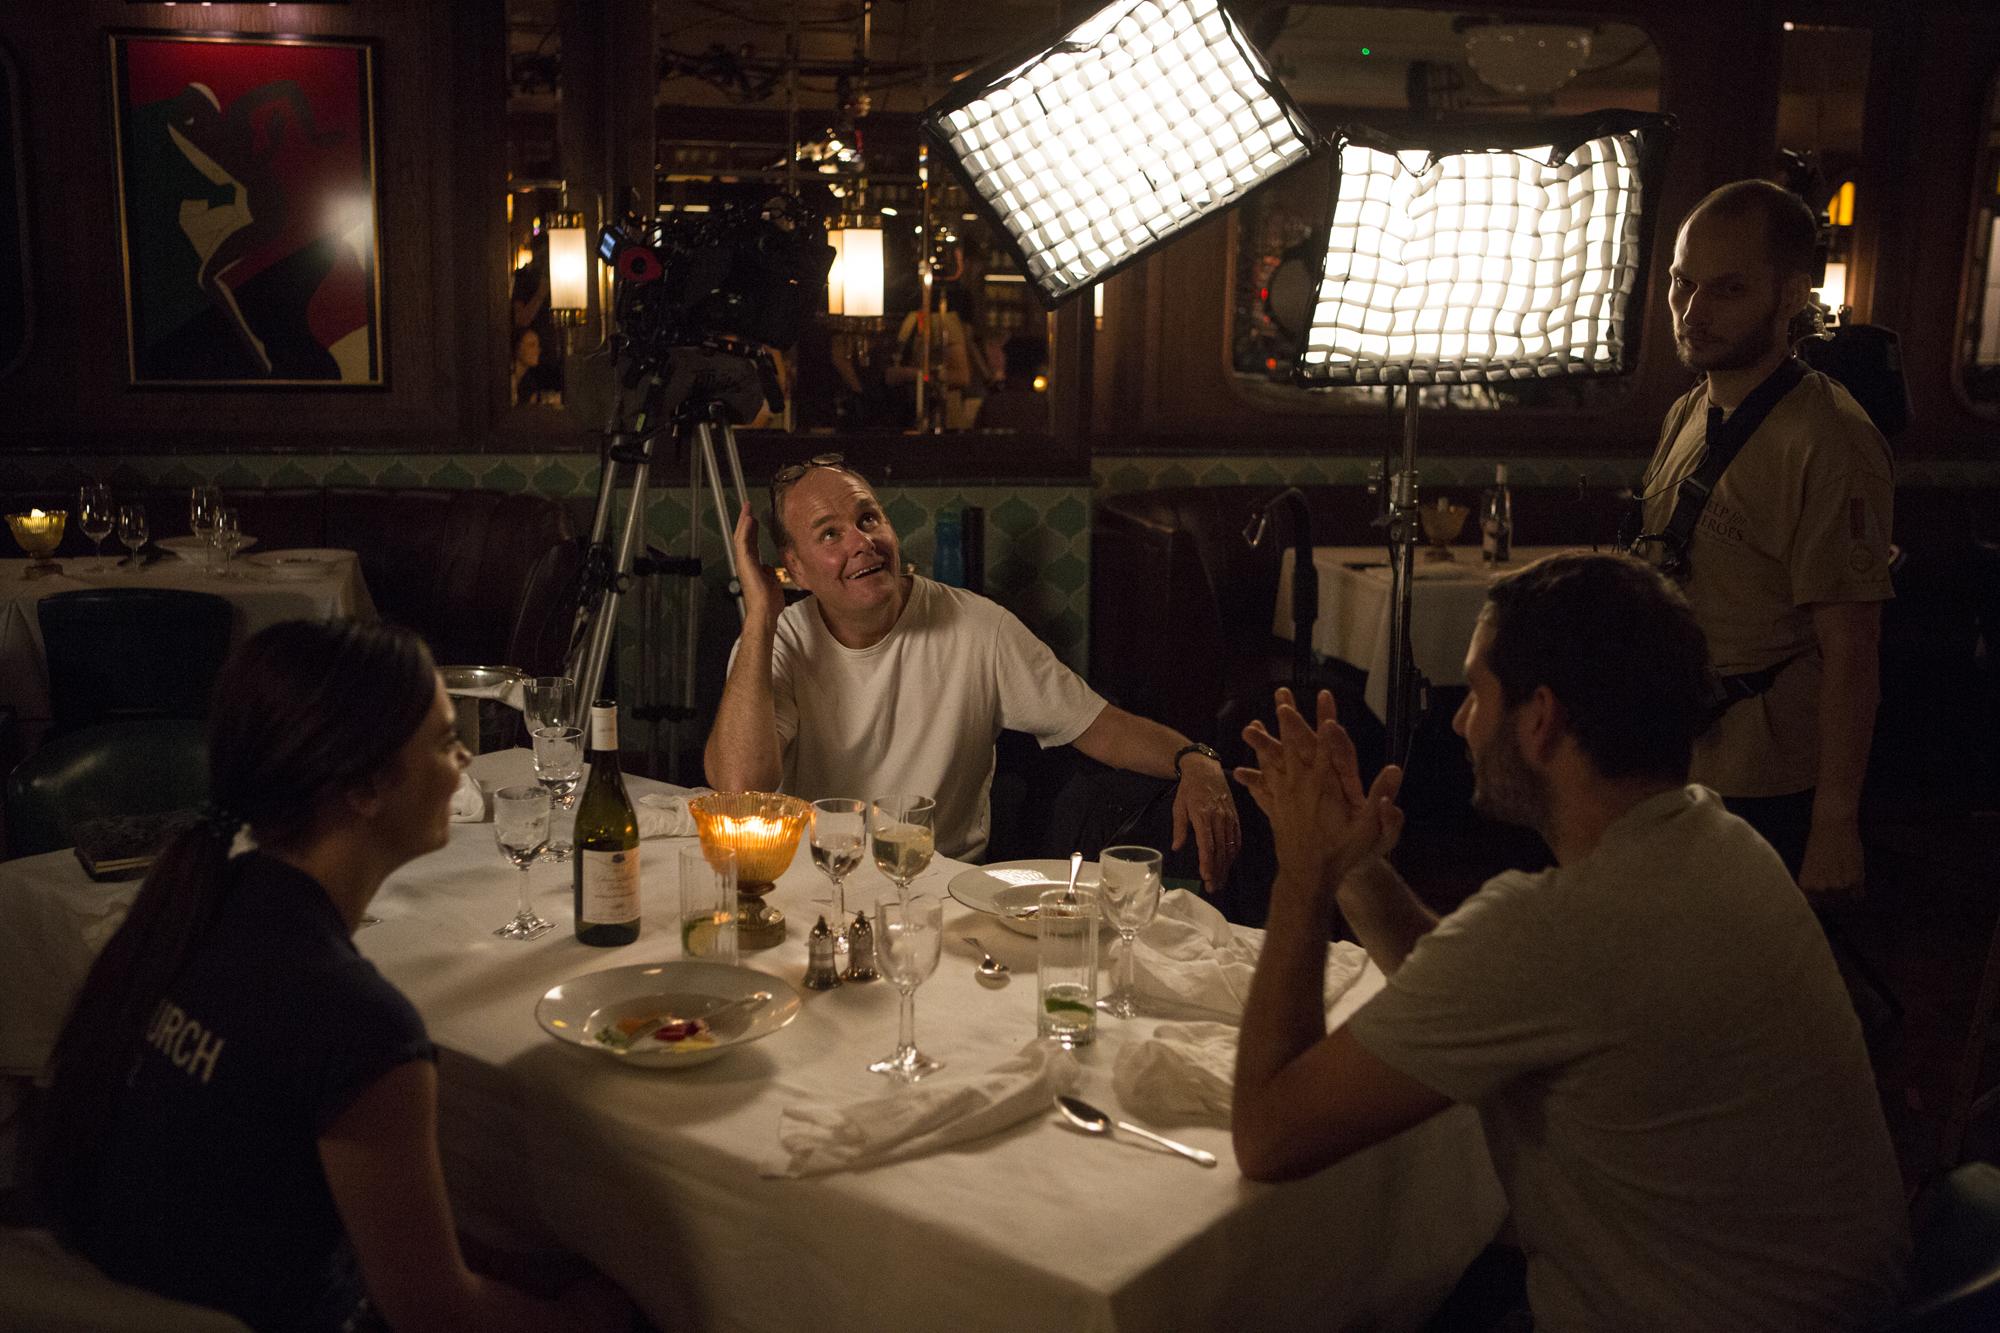 Tony Miller BSC is an Emmy-nominee for <em>Fleabag</em>. Photo: solovyov